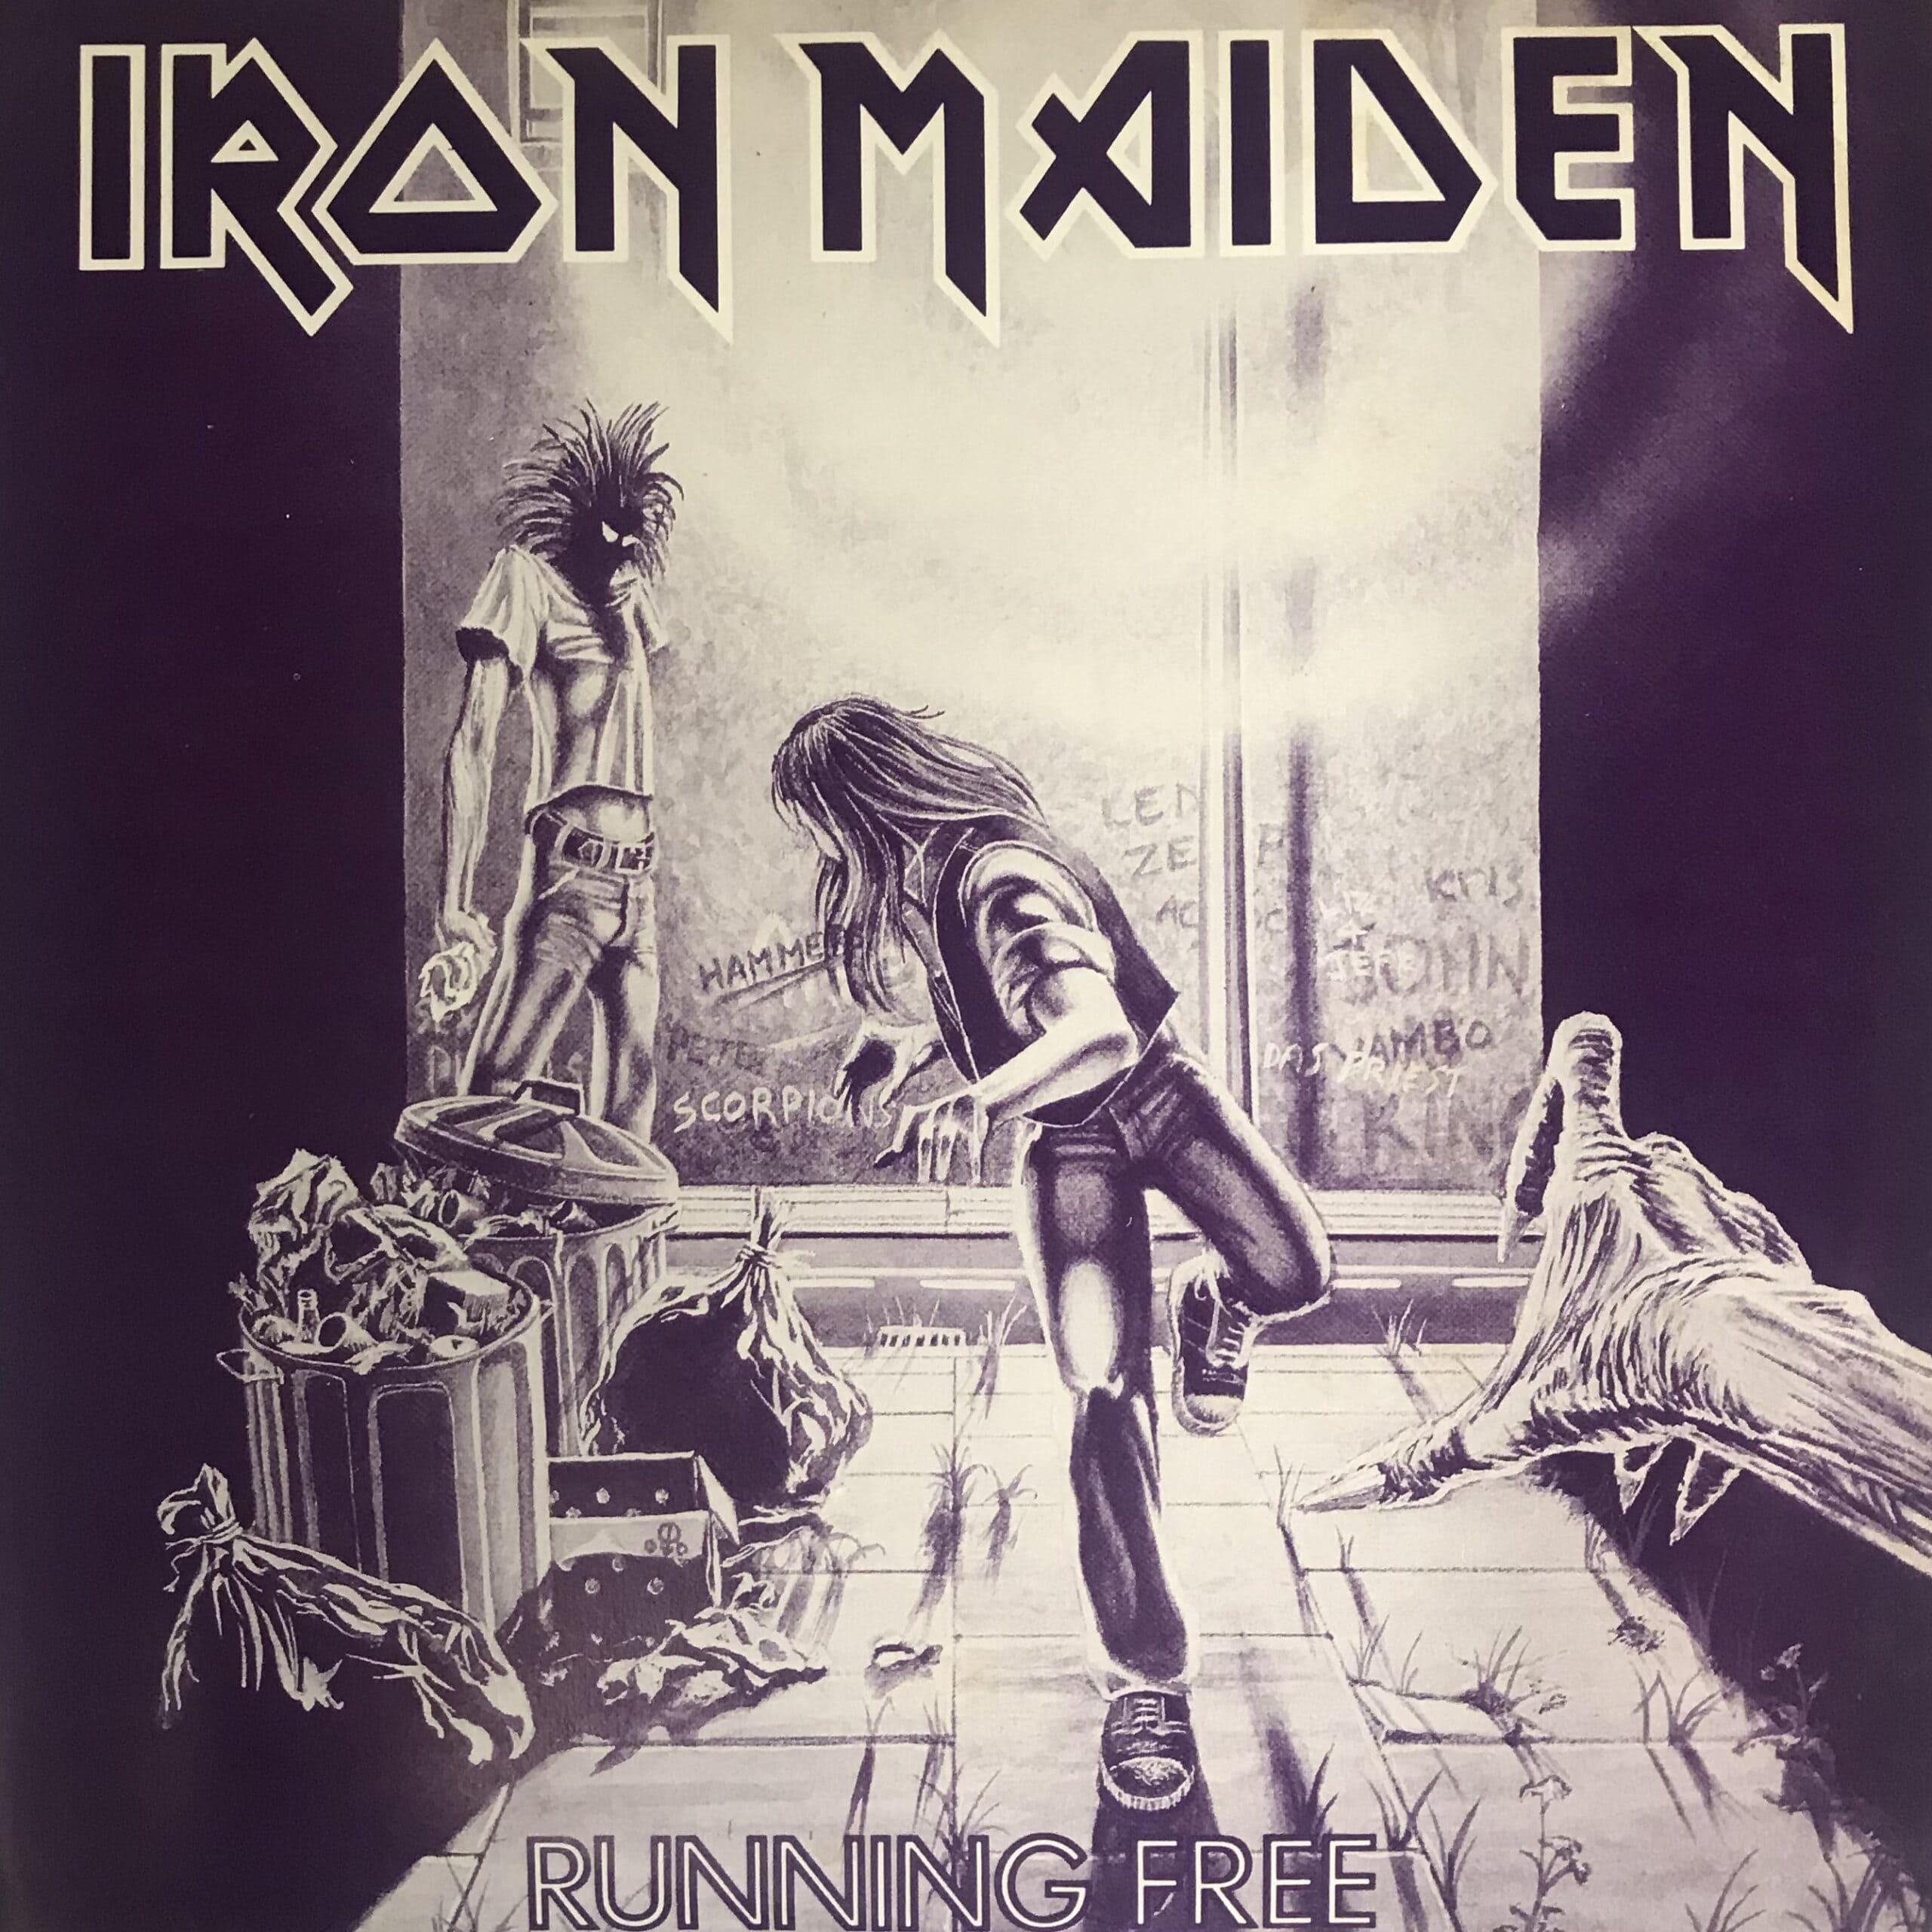 Iron Maiden / Running Free / ブート盤